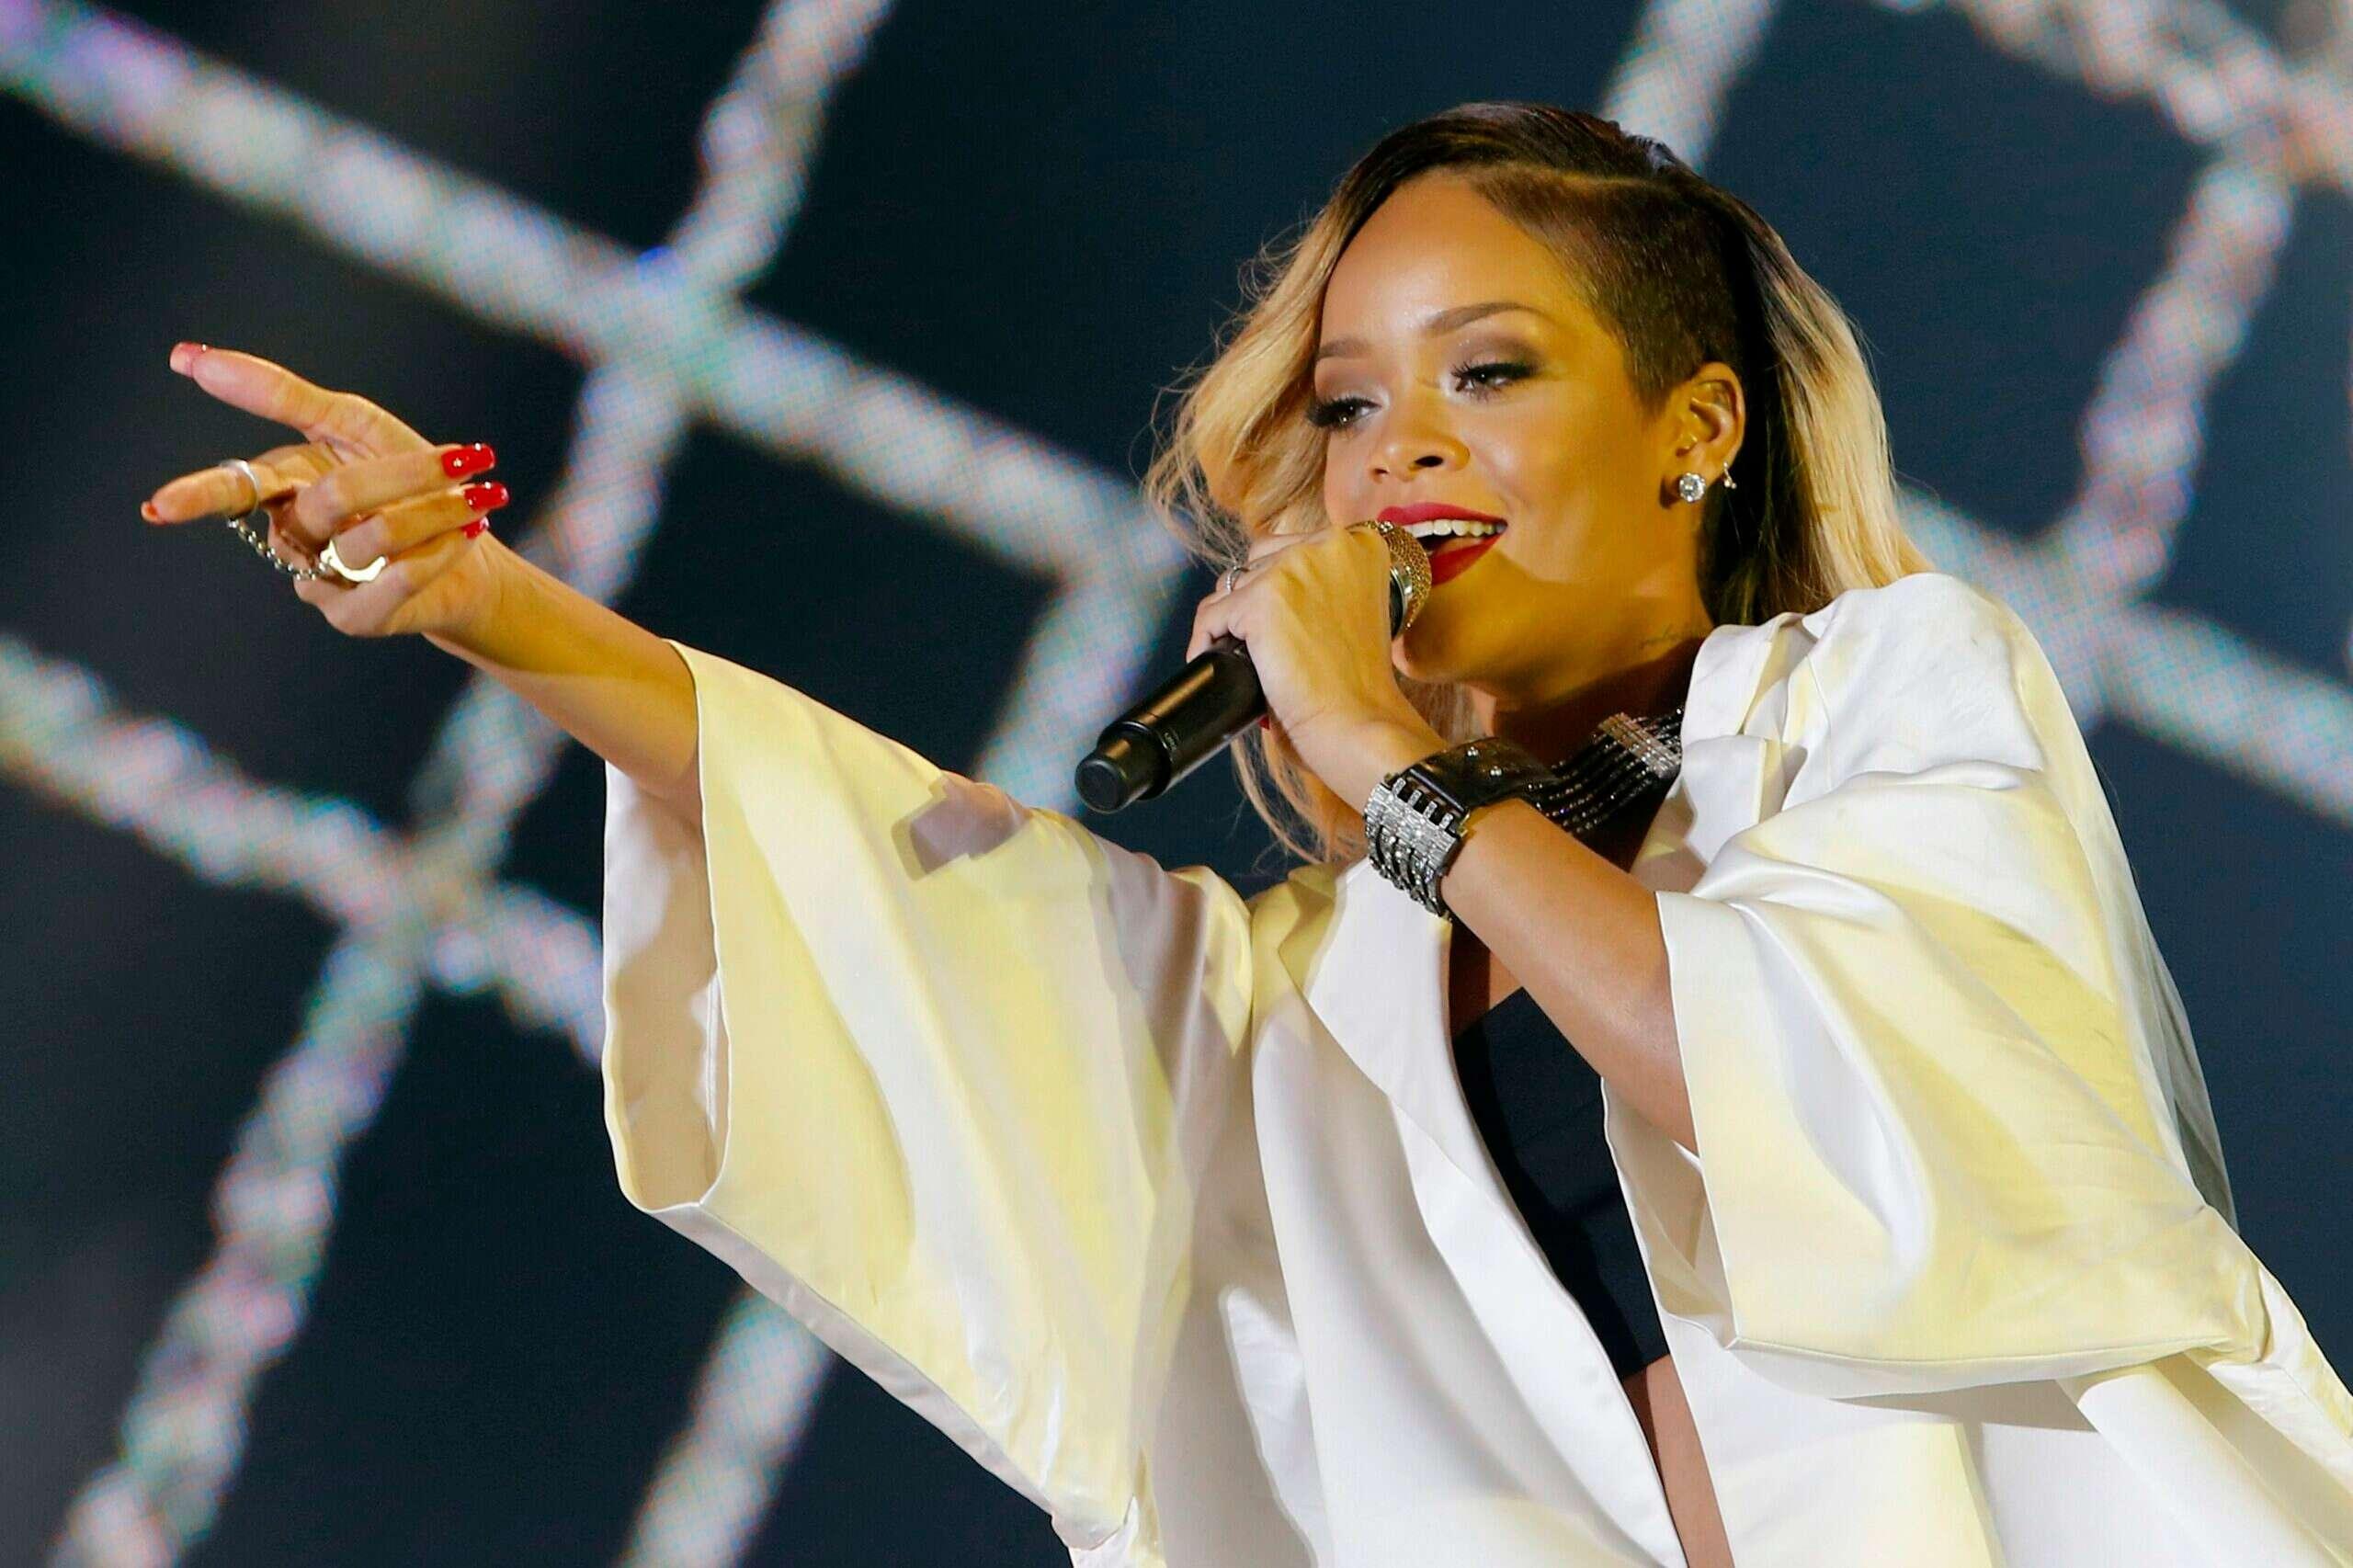 ריהאנה הזמינה את חבריה הסלבס לתצוגה, וזה מה שהם לבשו